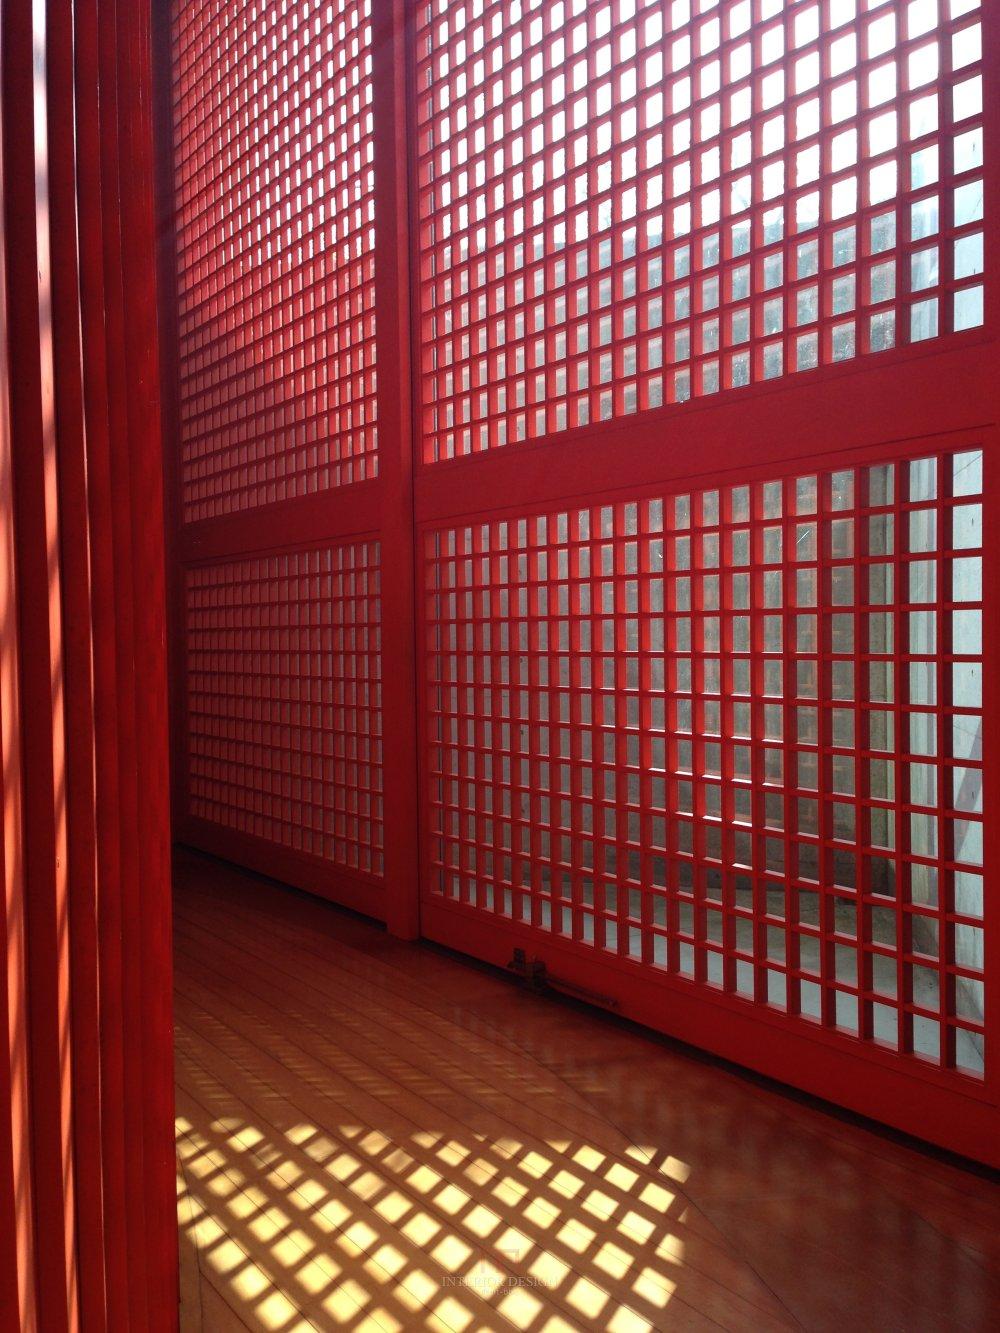 #伙伴一起看日本#  日本设计考察分享(更新美秀美术馆)_IMG_5185.JPG